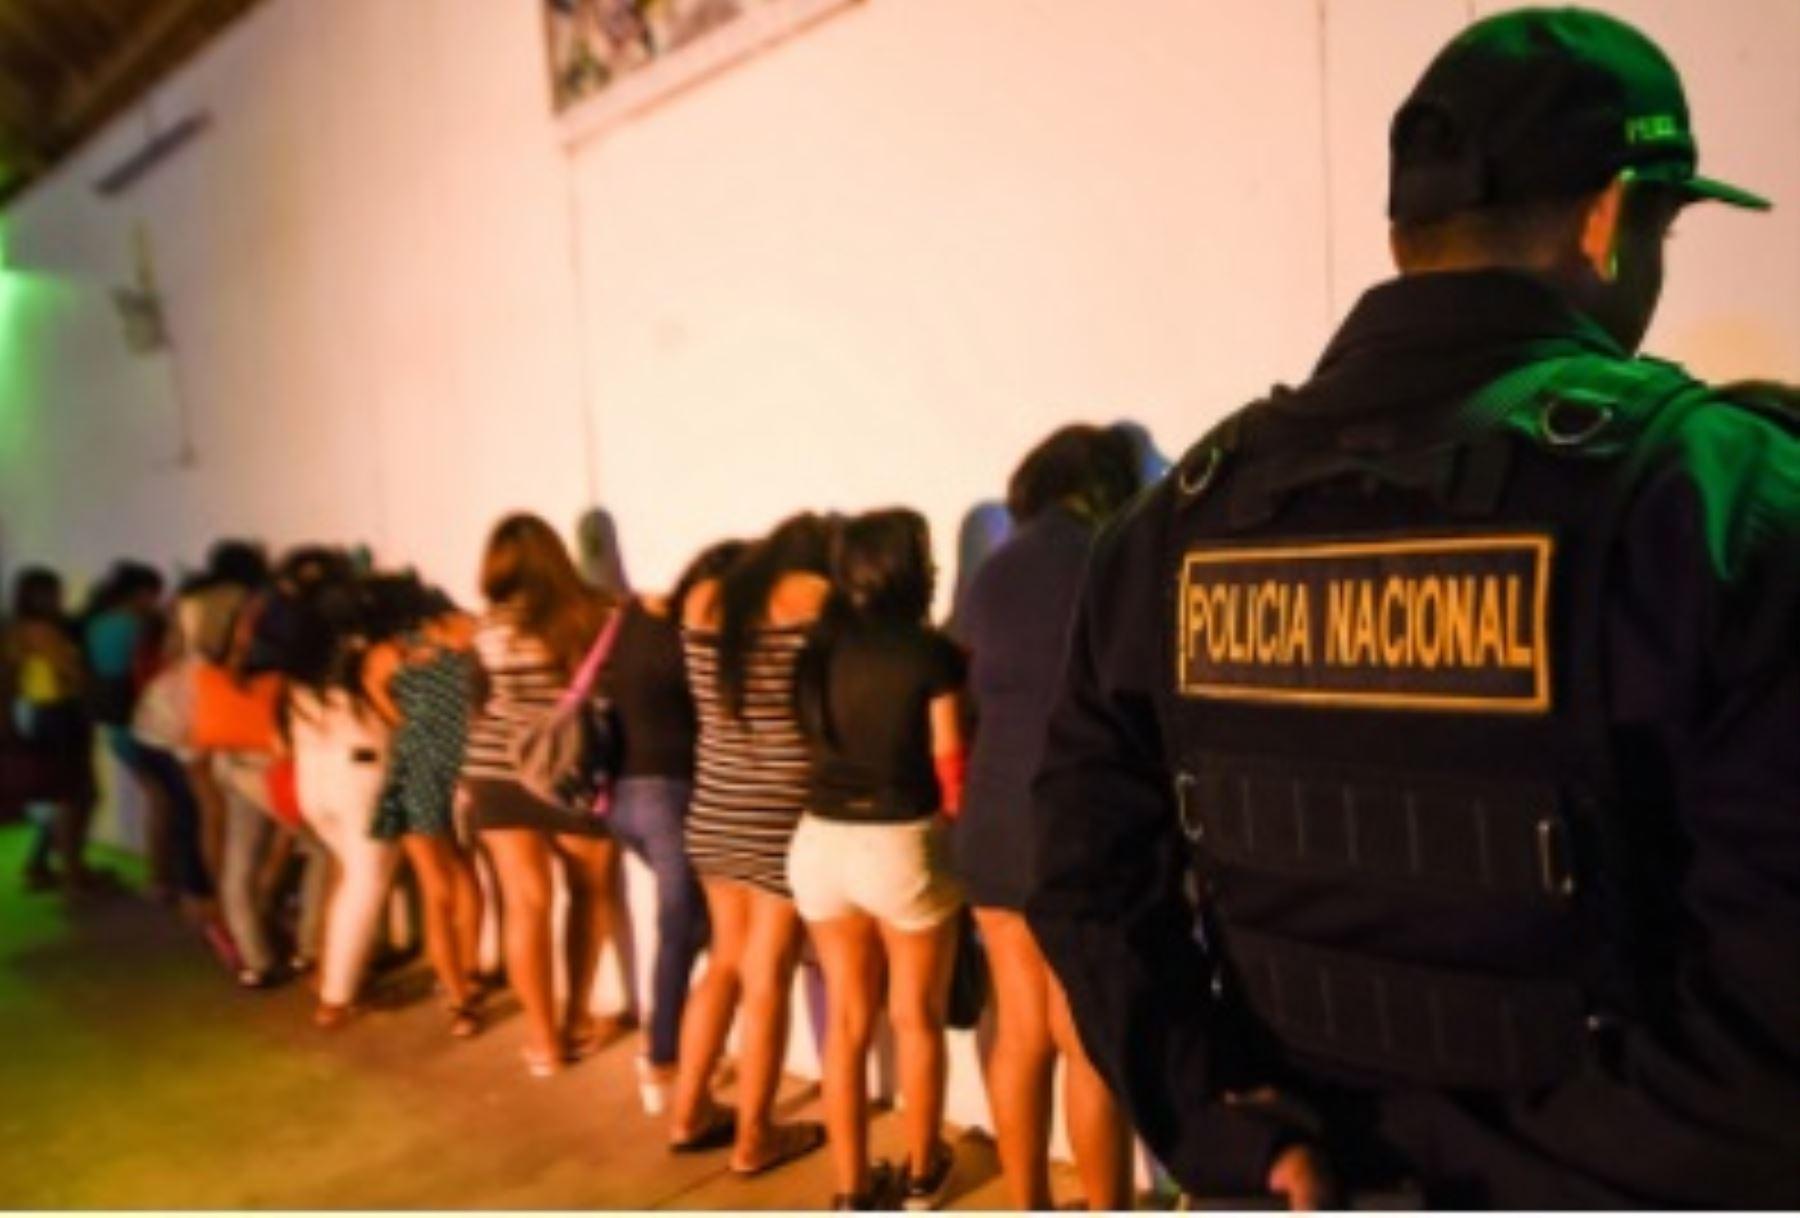 En lo que va del año, la Dirección contra la Trata de Personas y Tráfico Ilícito de Migrantes (Dirctptim), de la Policía Nacional, ejecutó 116 operativos que permitieron rescatar a 730 víctimas de este delito en diversas zonas del país. ANDINA/Difusión